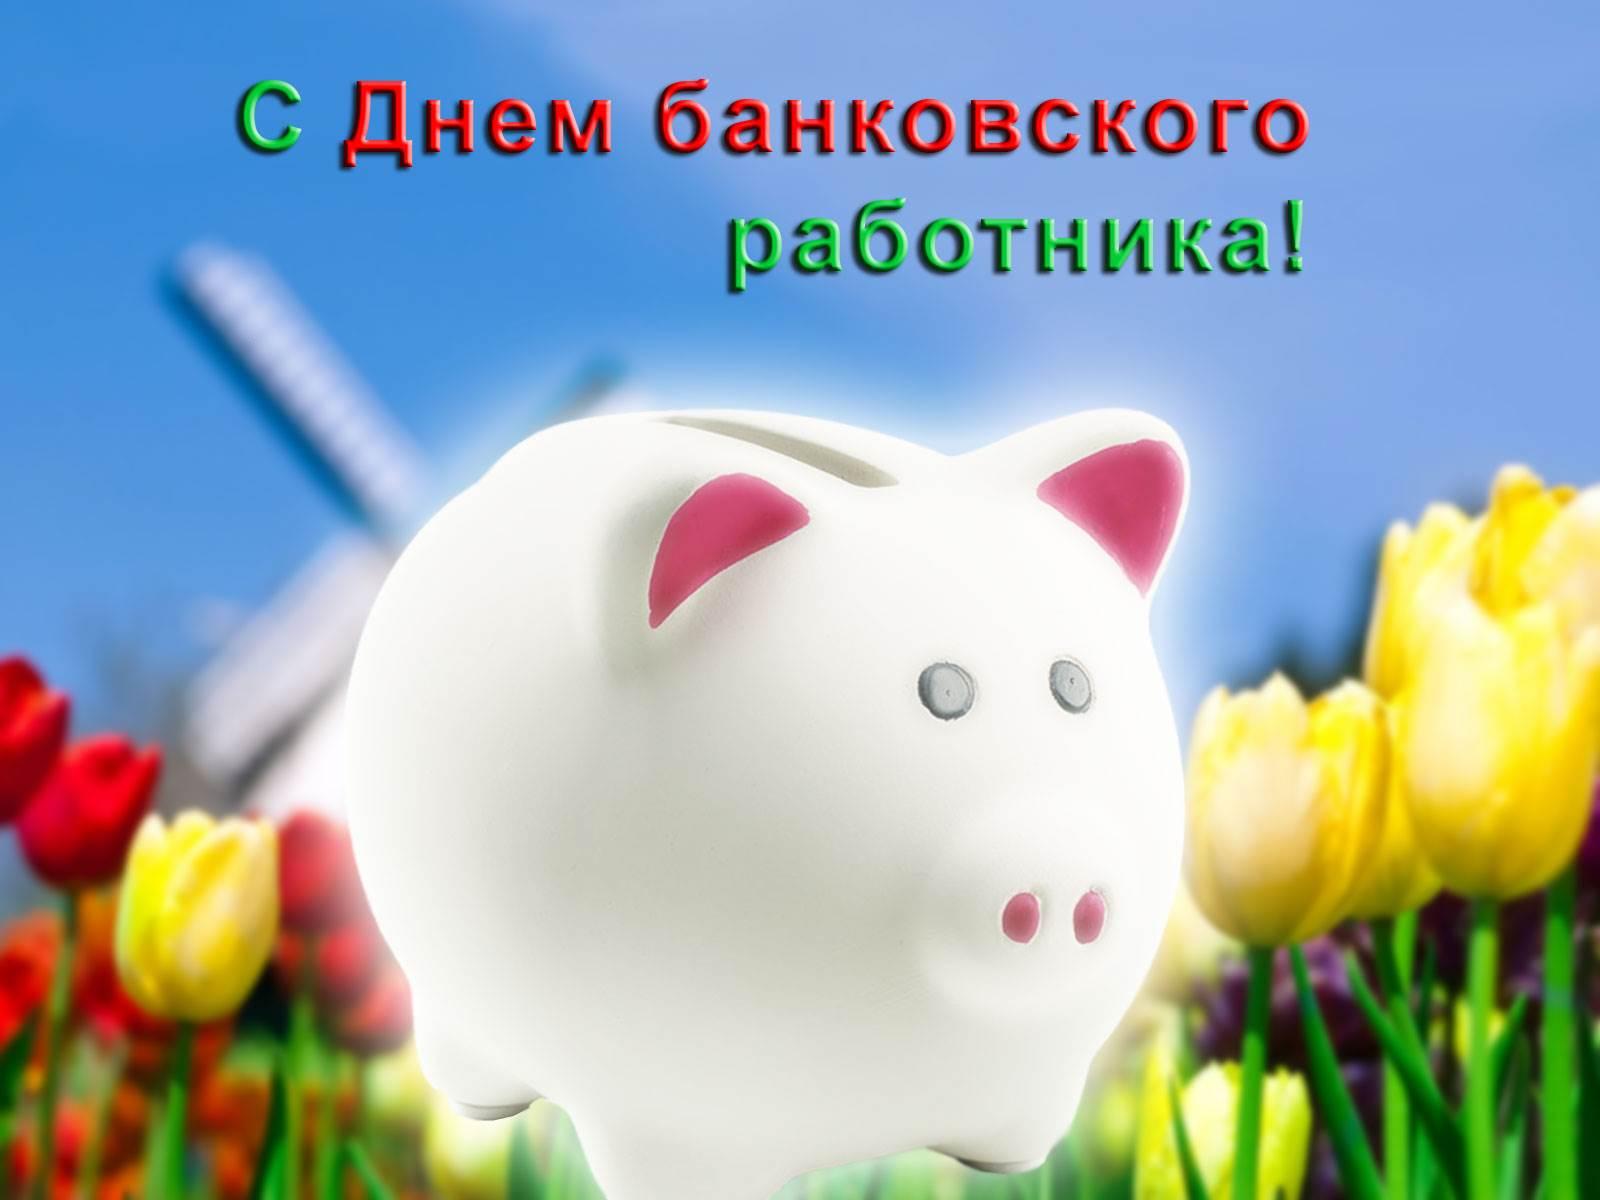 Фредди, день банковских работников открытки